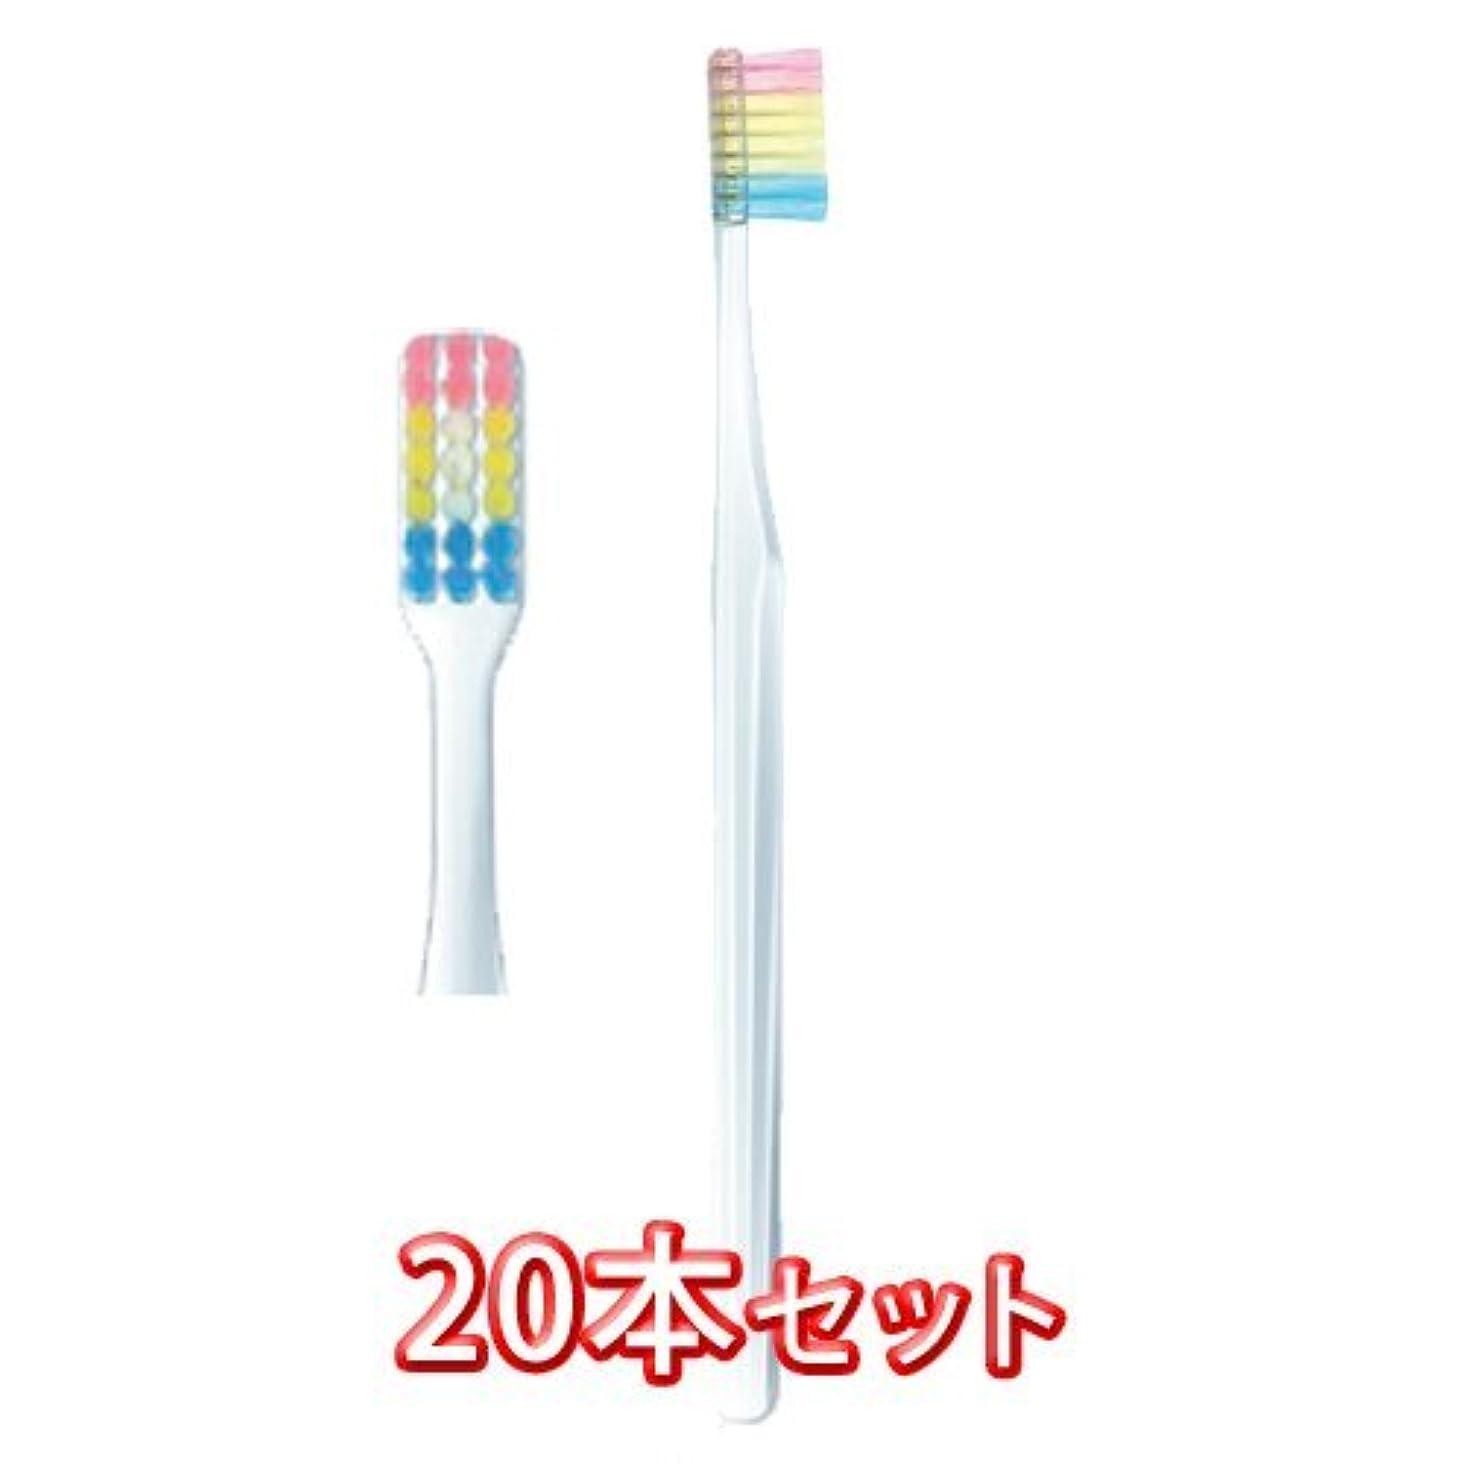 ファイナンス解読する蓄積するプロスペック 歯ブラシ ヤング 20本入 フォーレッスン 毛の硬さふつう